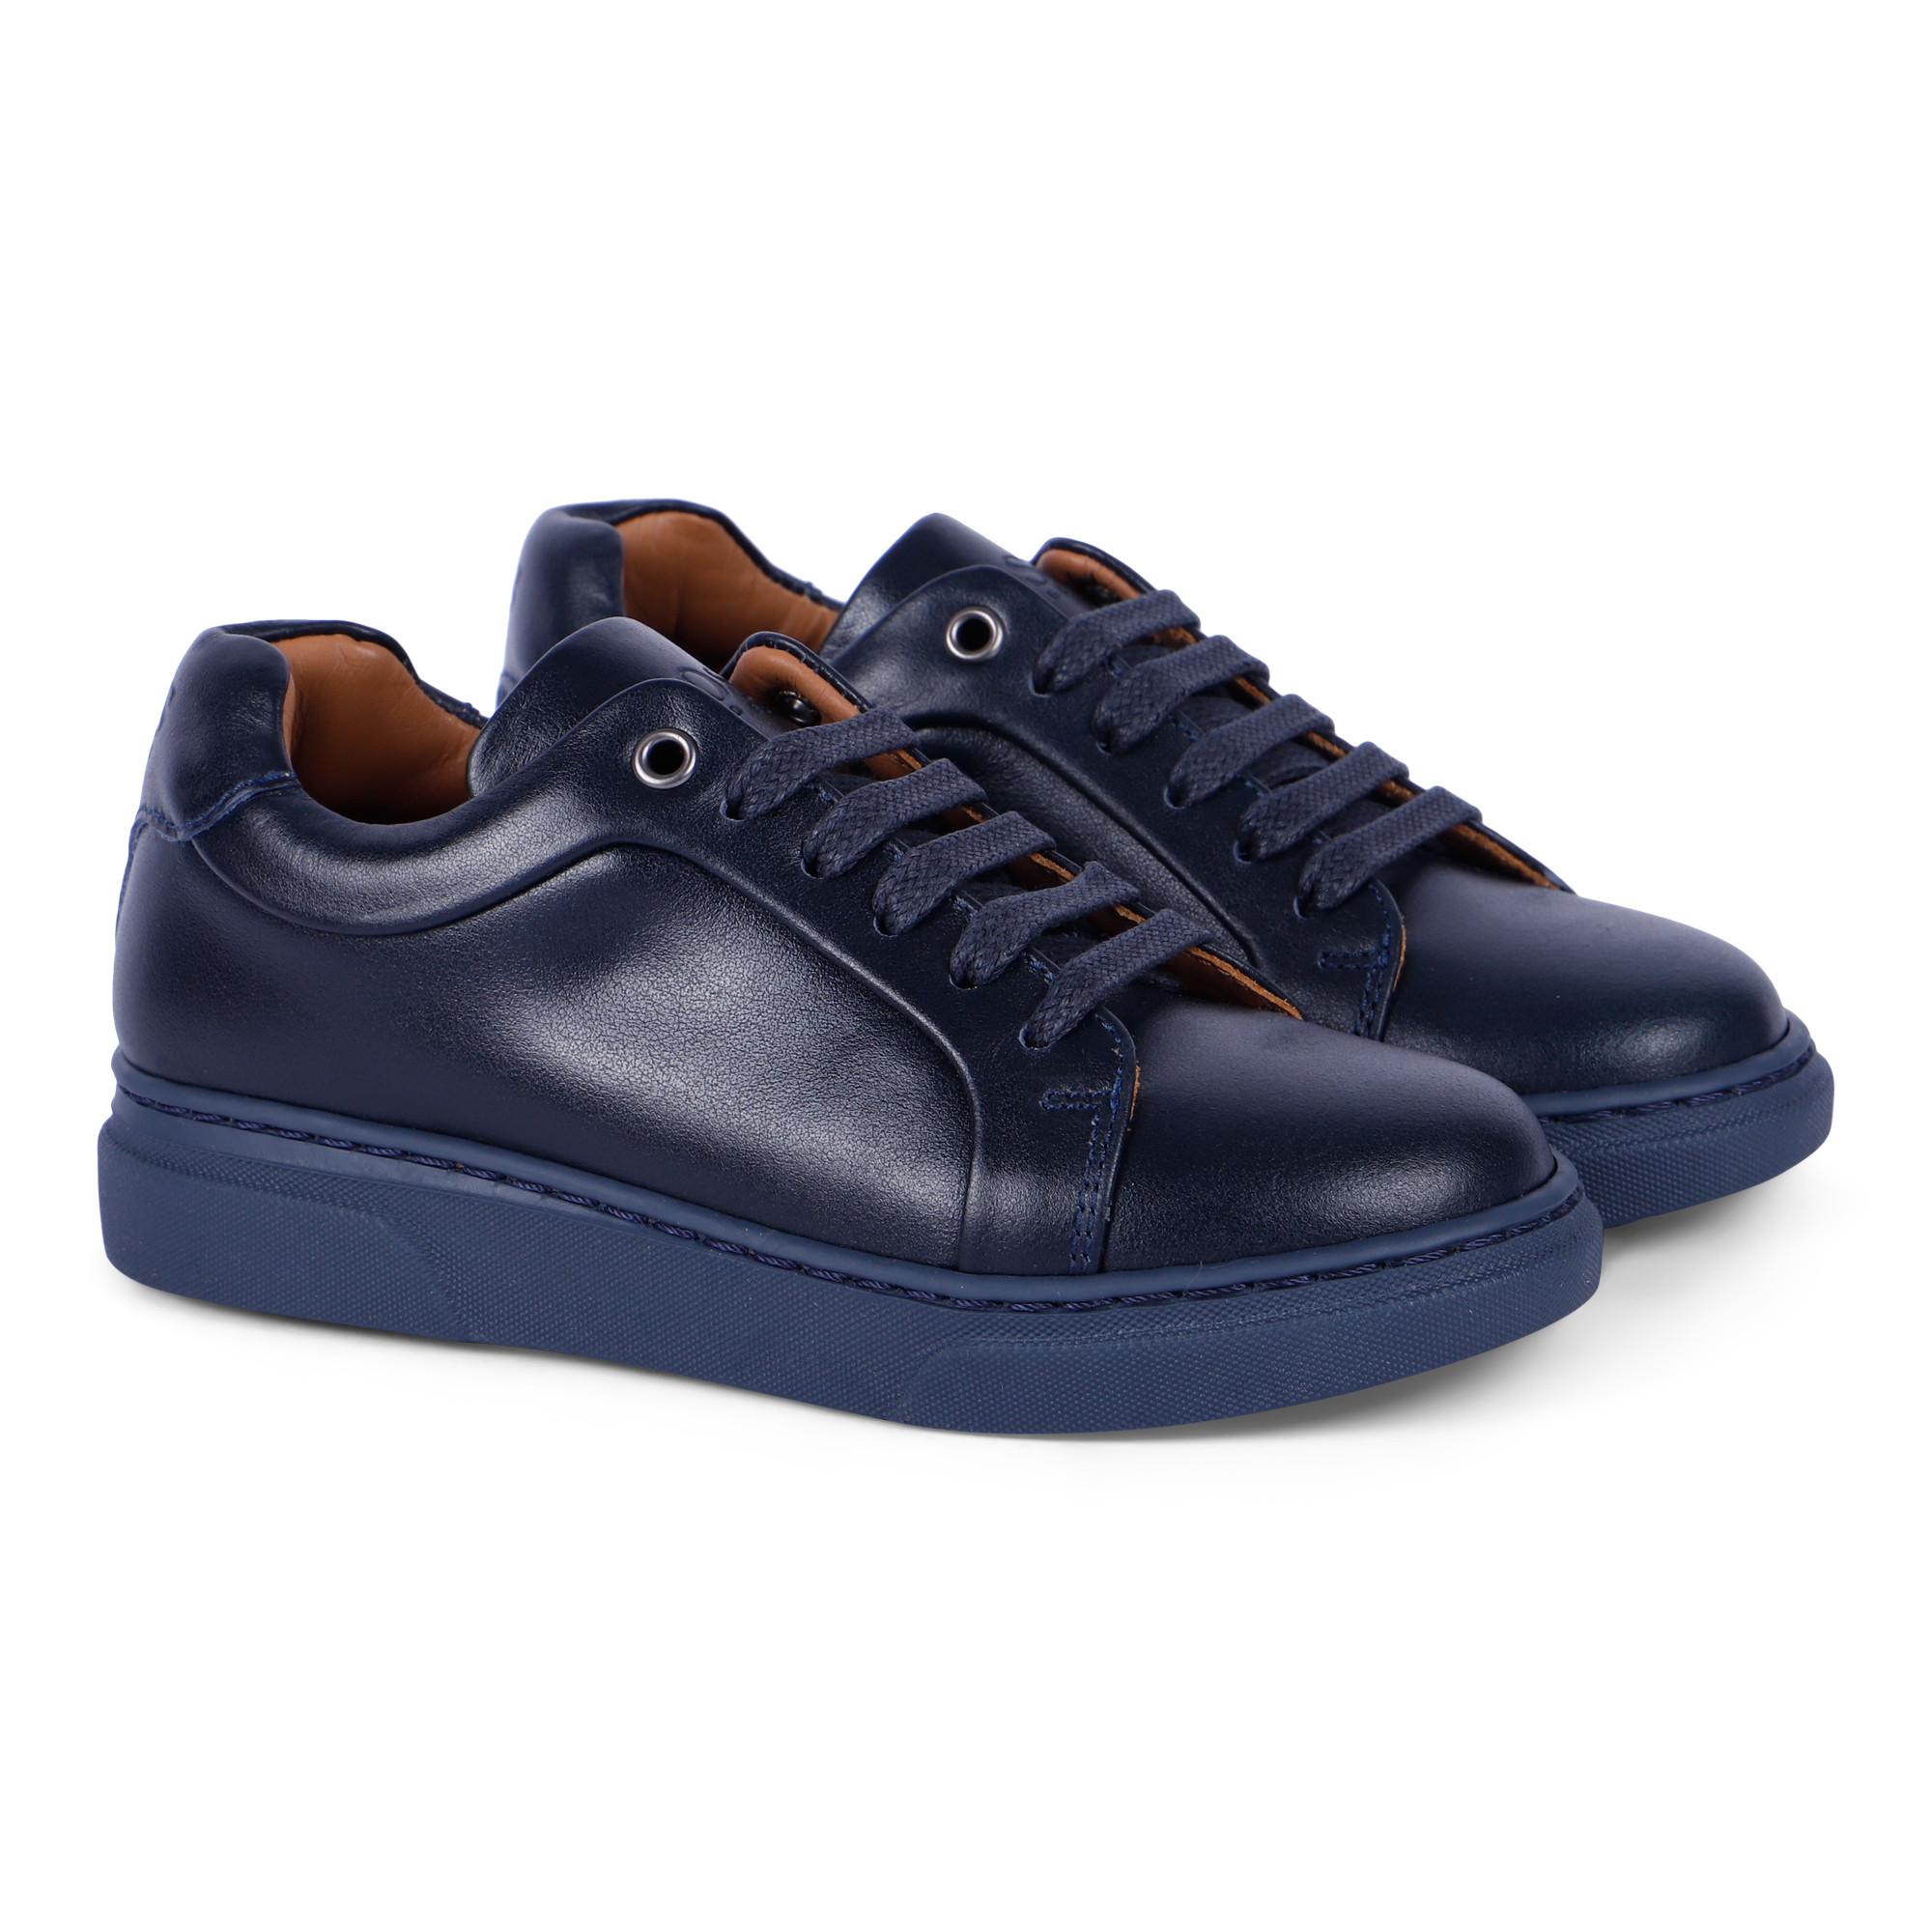 Boss Boss Boys' Shoes in Navy Blue